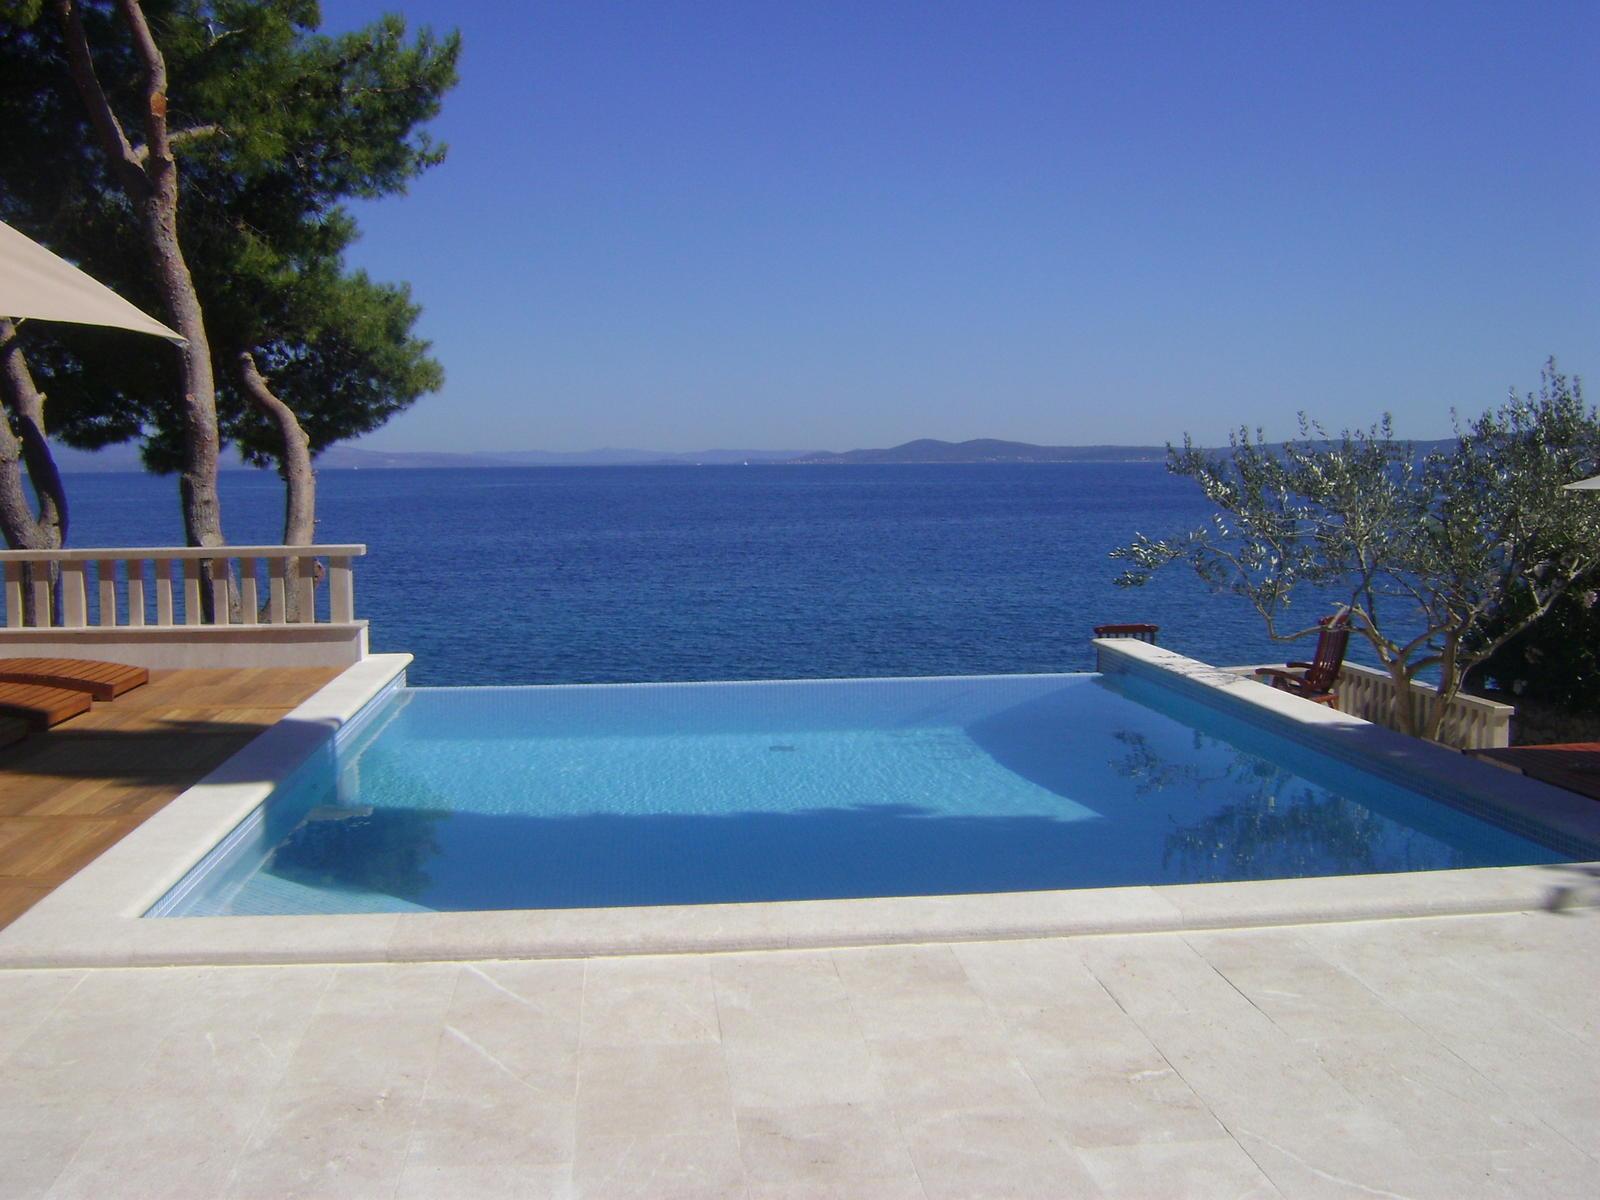 Villa Dream Trogir utsikt over bassenget mot havet